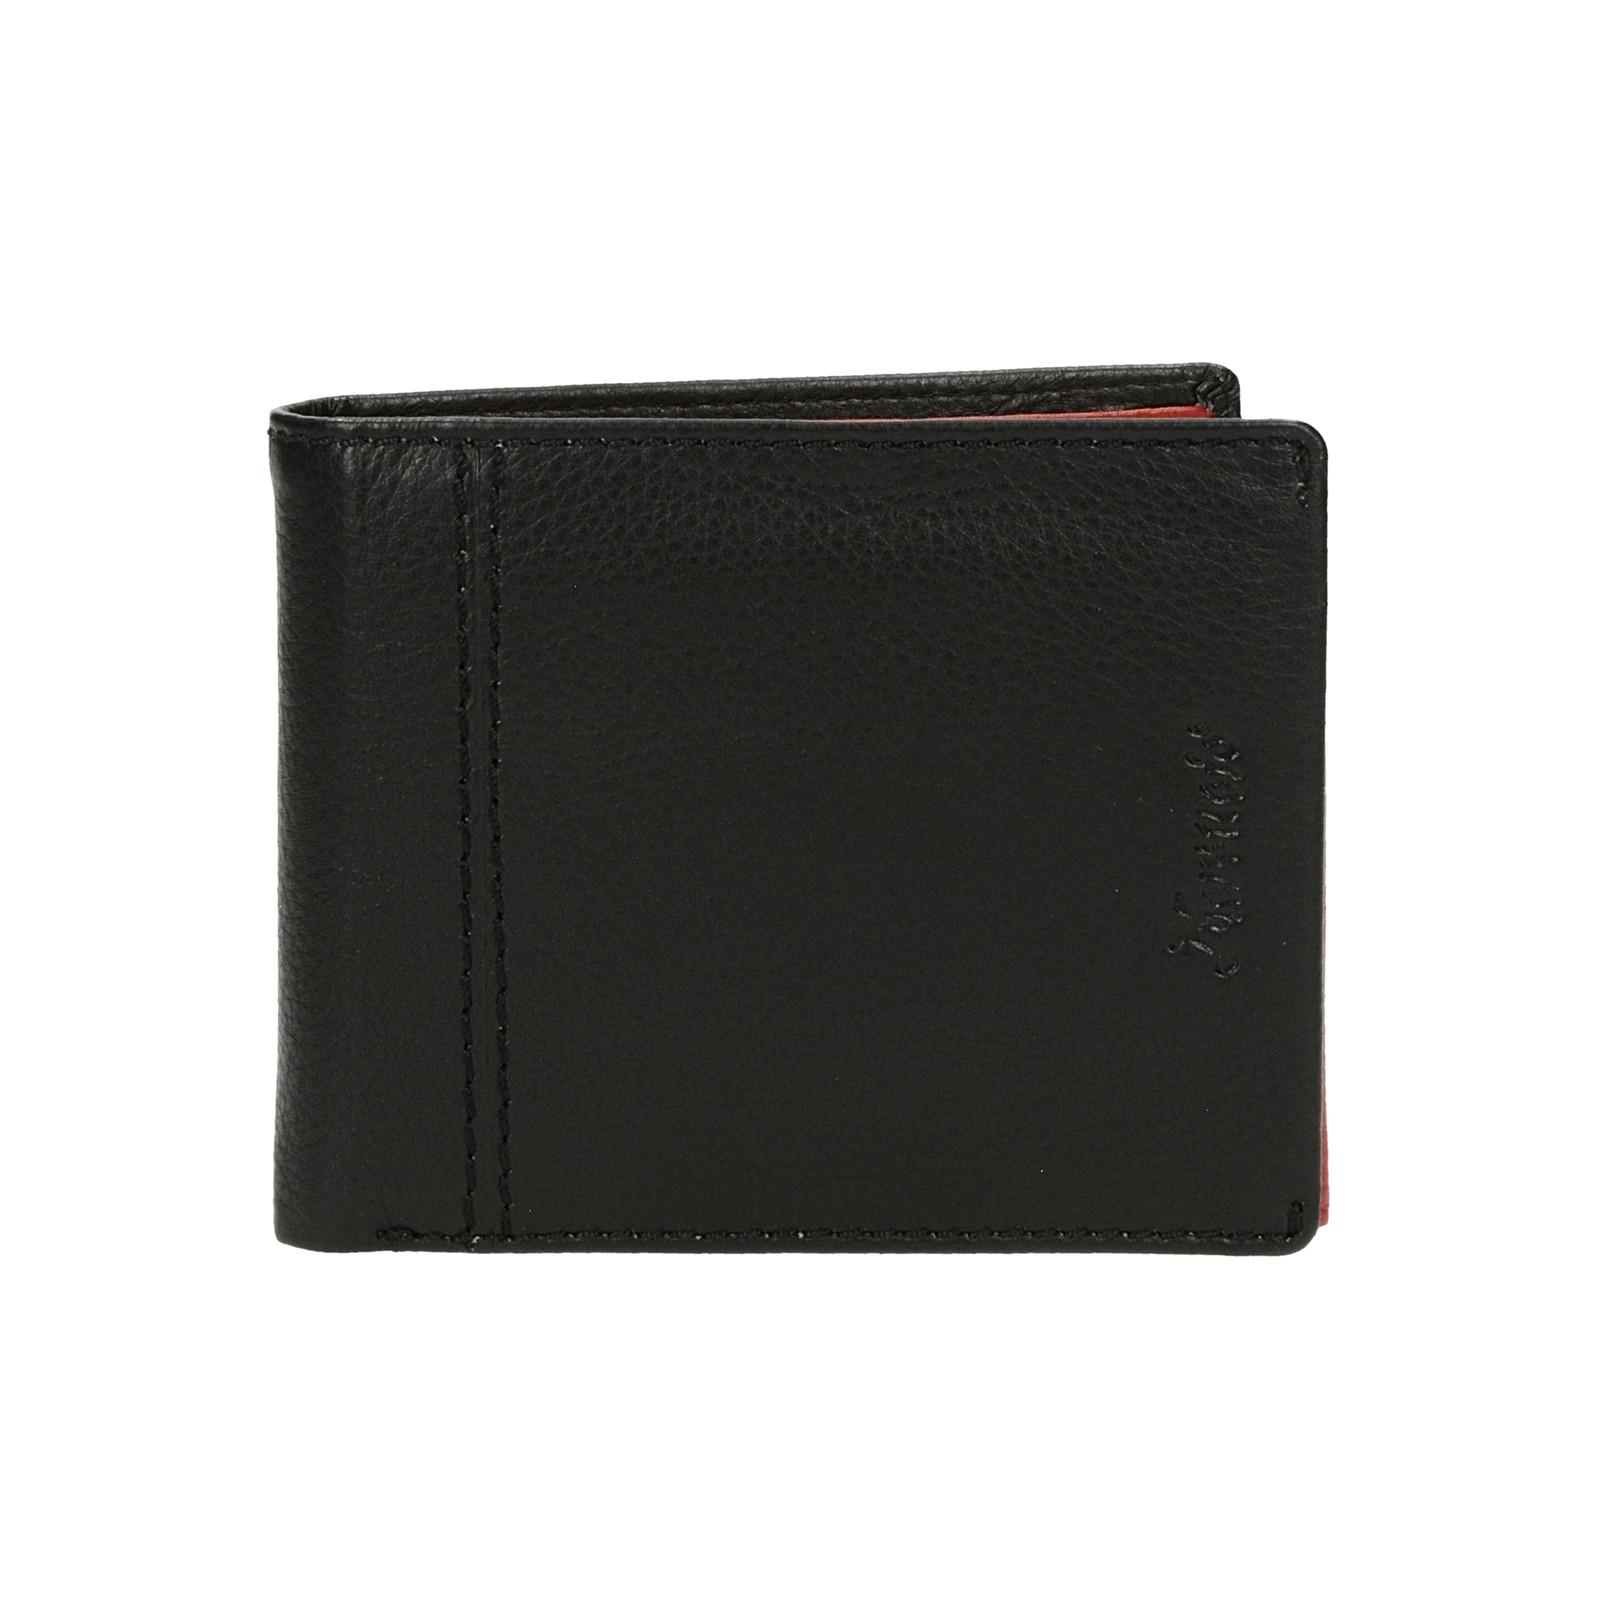 Mercucio pánska kožená peňaženka - čiernočervená ... 25bf5ef0a23